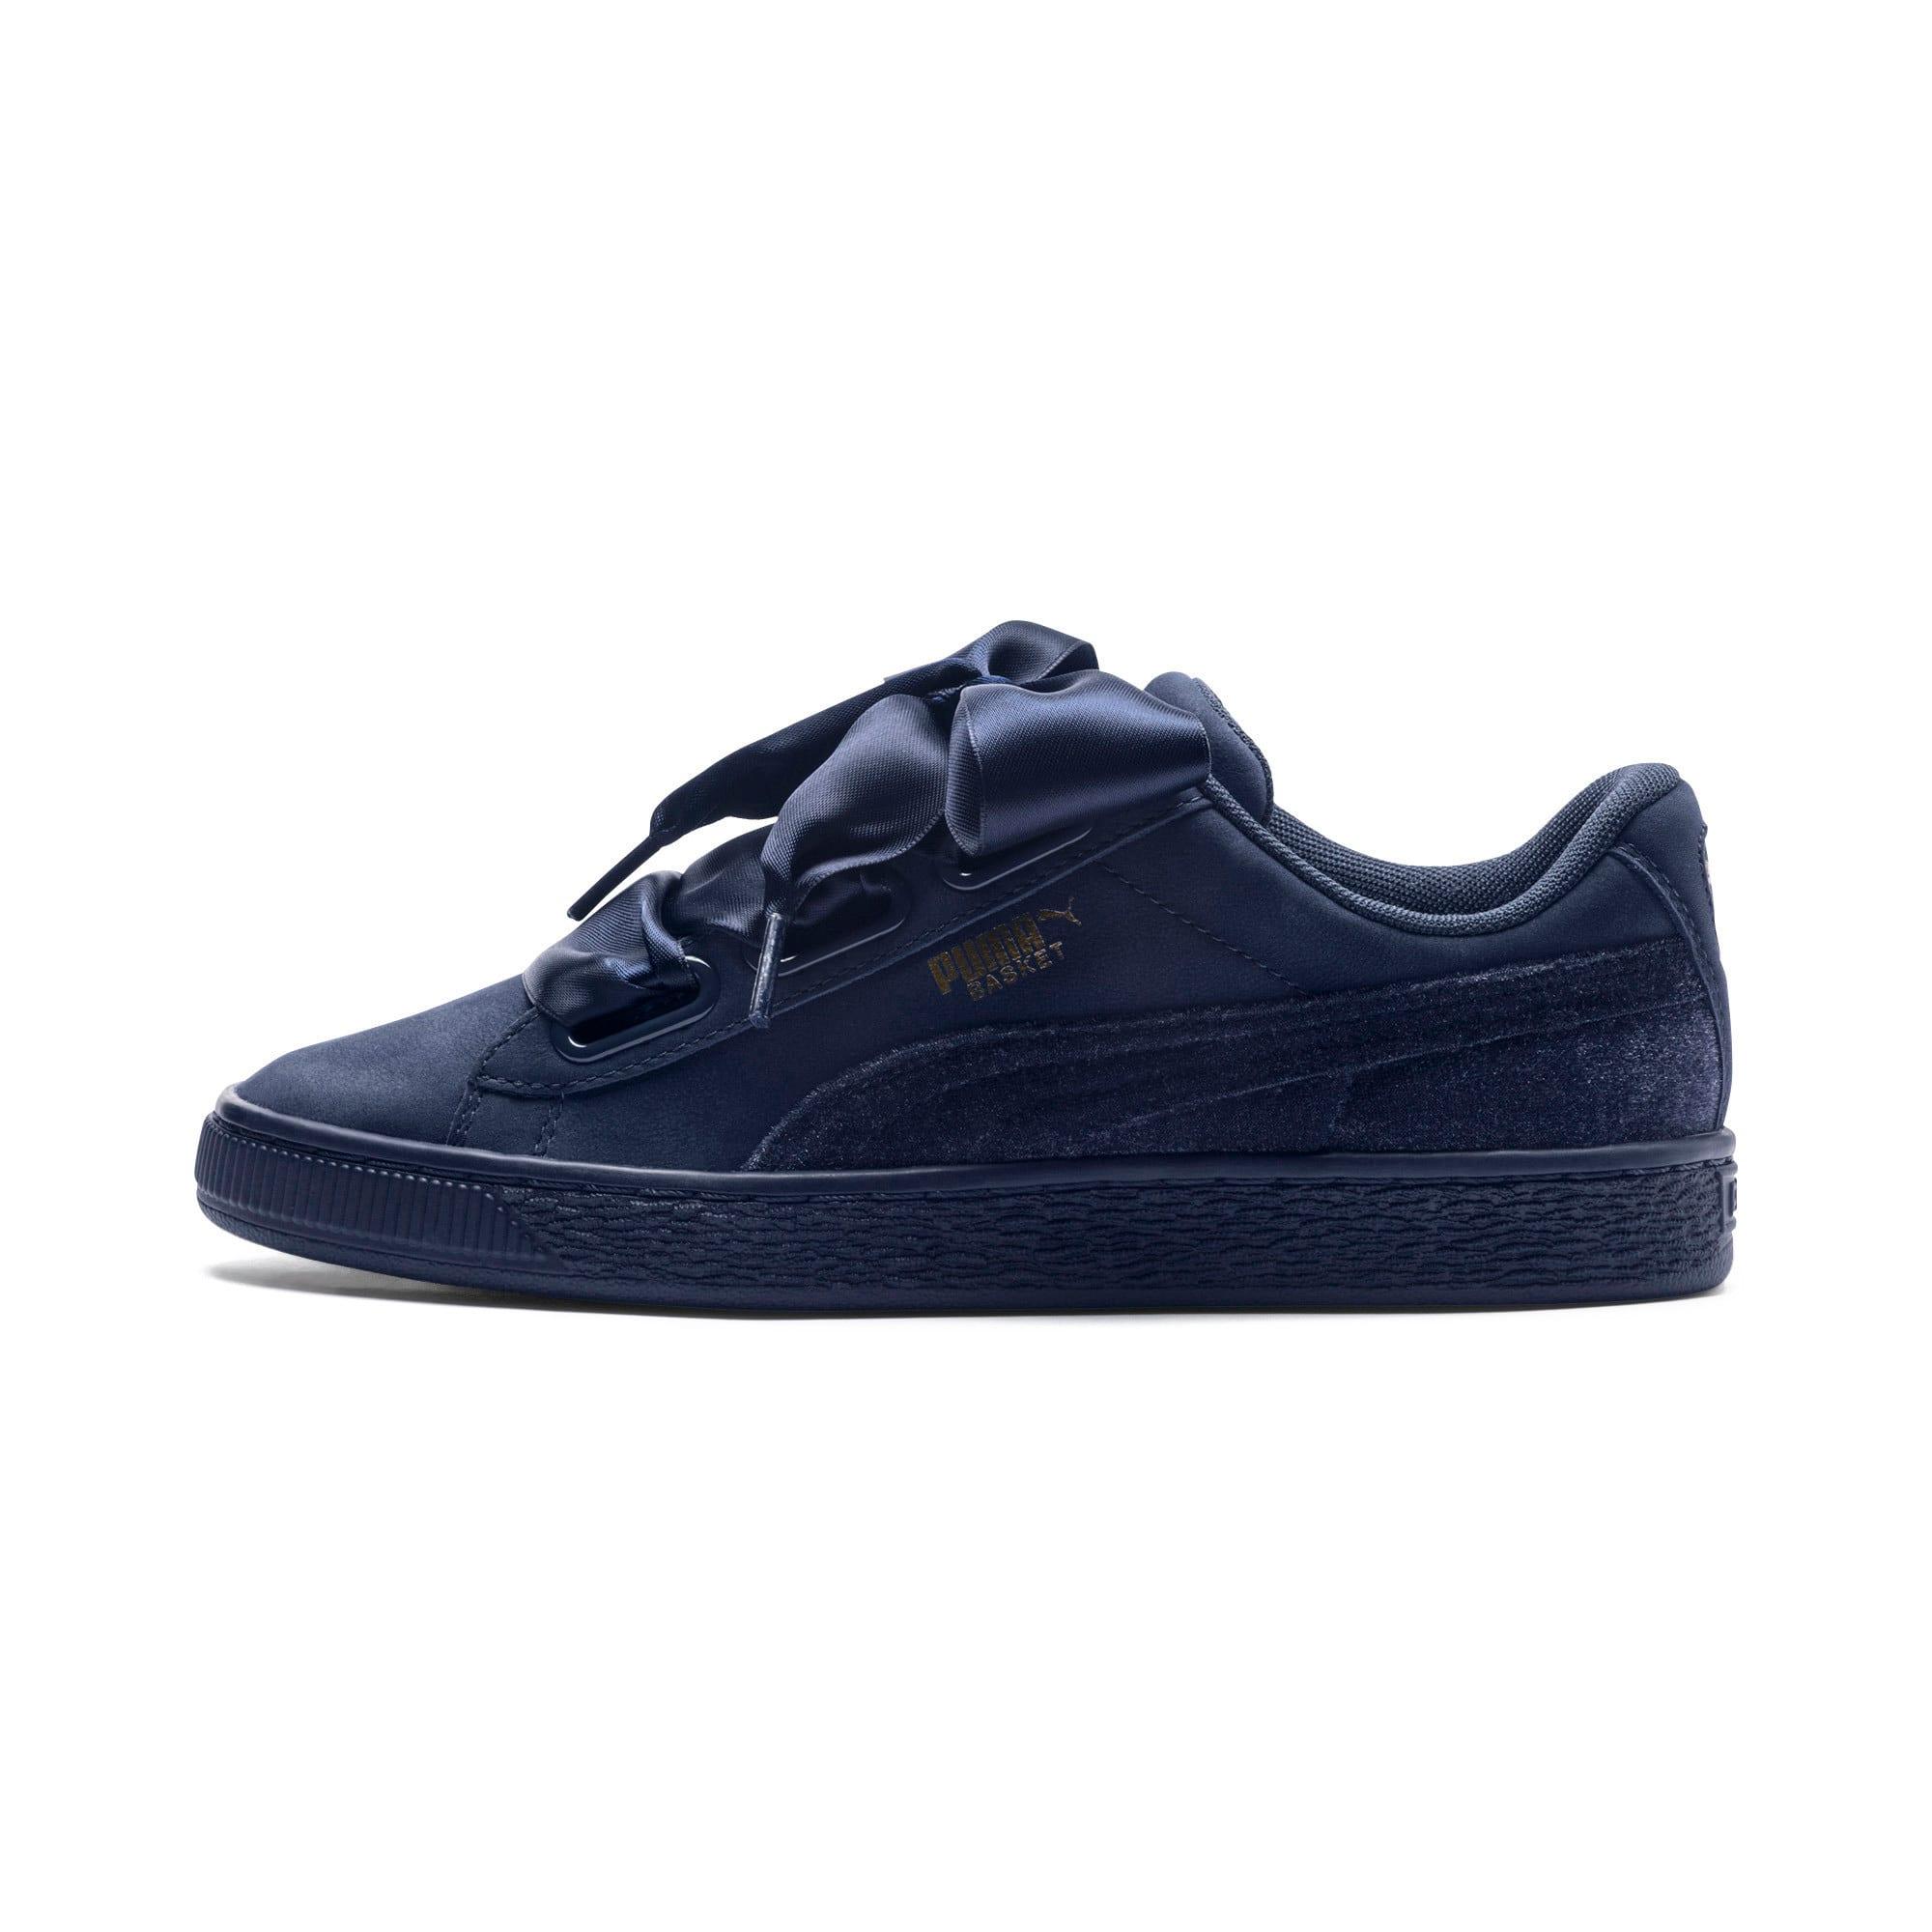 wholesale dealer 85e38 0f2c4 Basket Heart Lunar Glow Women's Sneakers